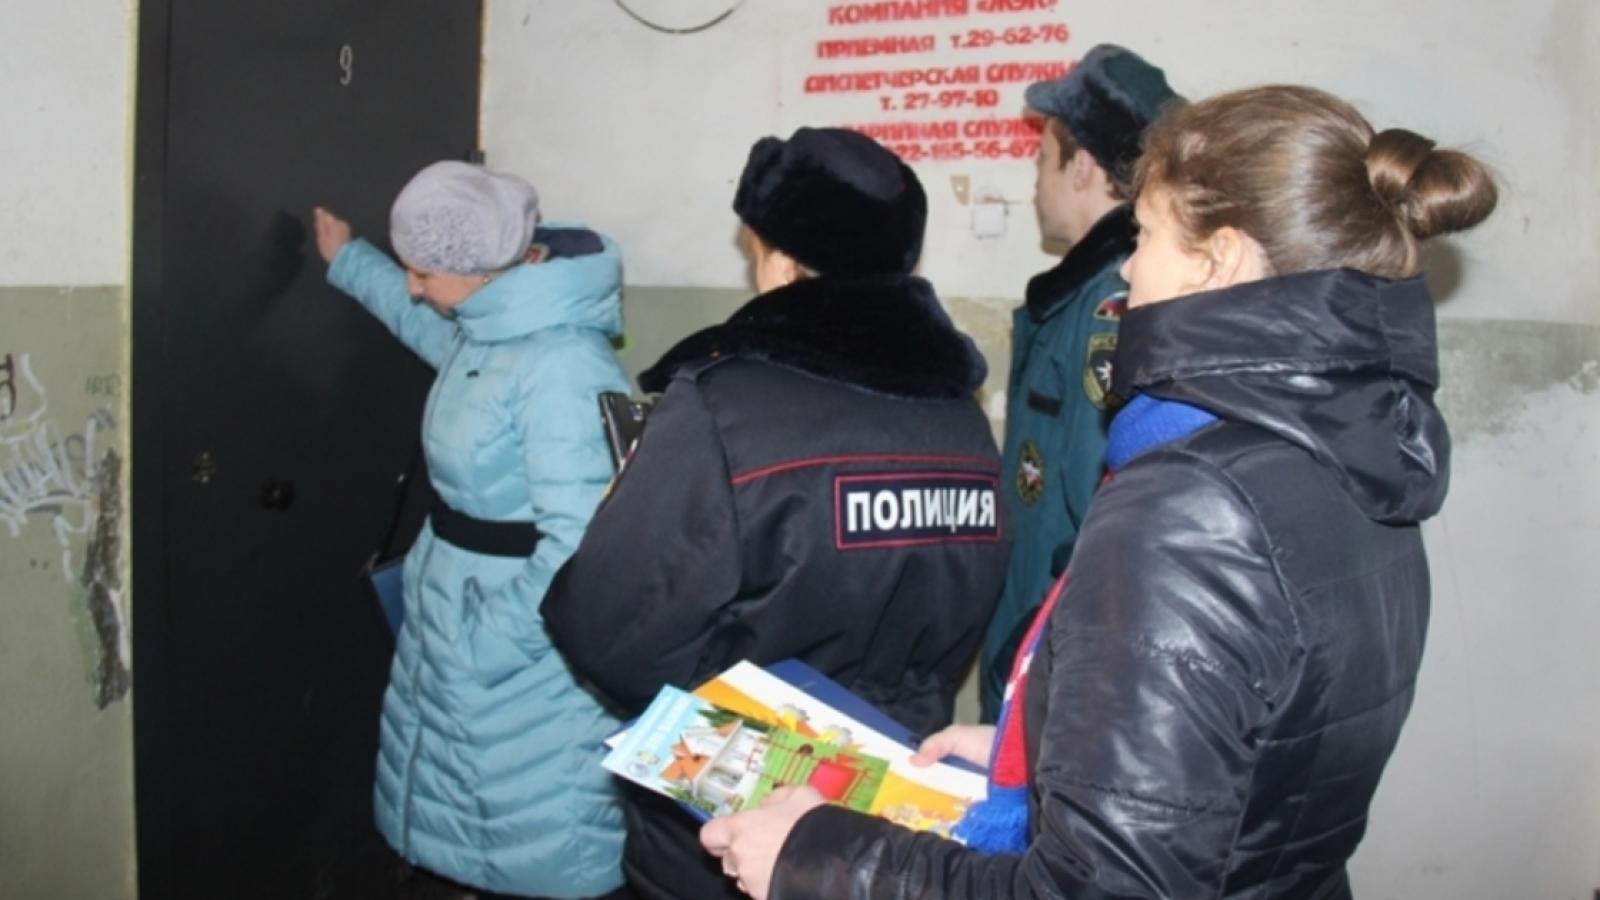 Приемные семьи в Вологде будут проверять каждый месяц